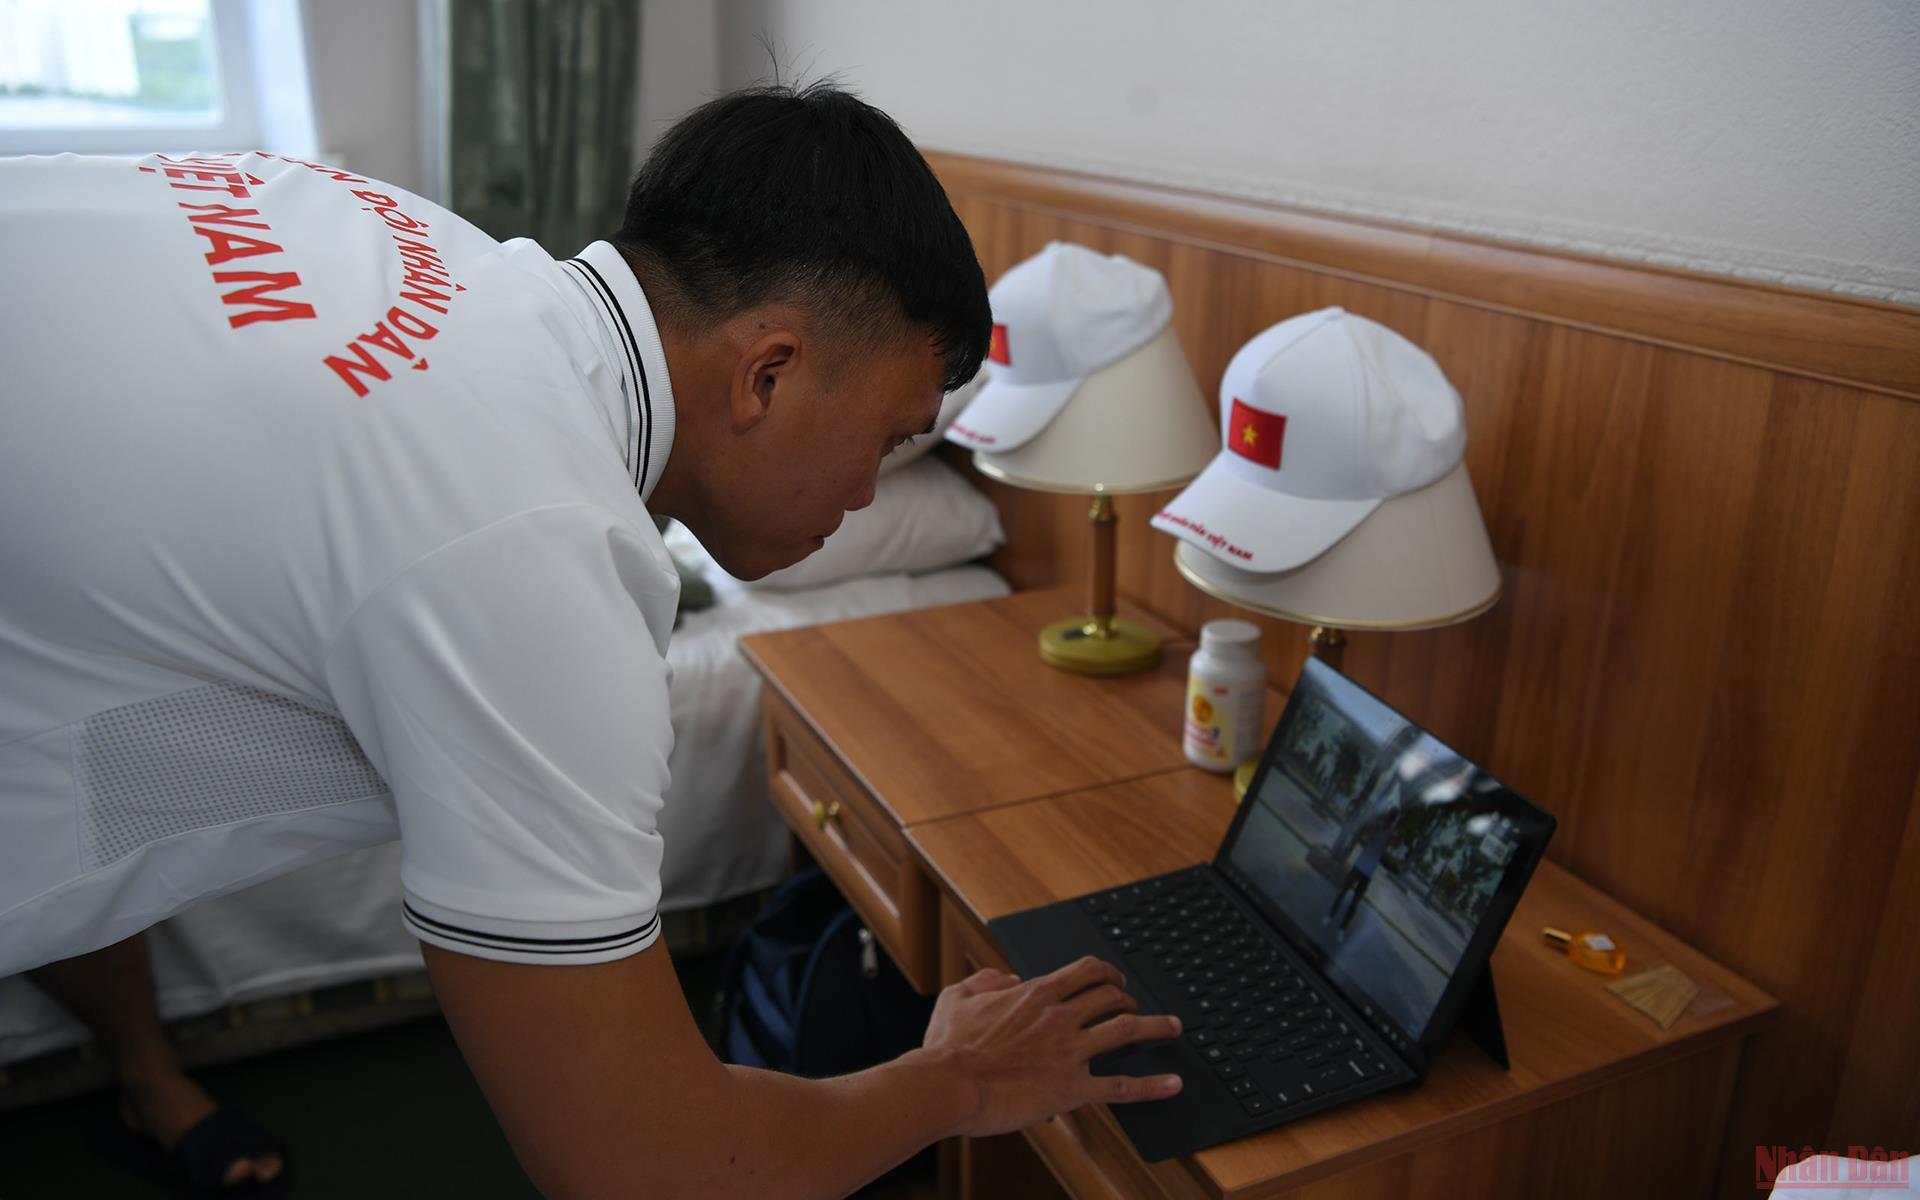 Army Games 2021: Đoàn Việt Nam luyện tập duy trì thể trạng tốt trong những ngày cách ly -0